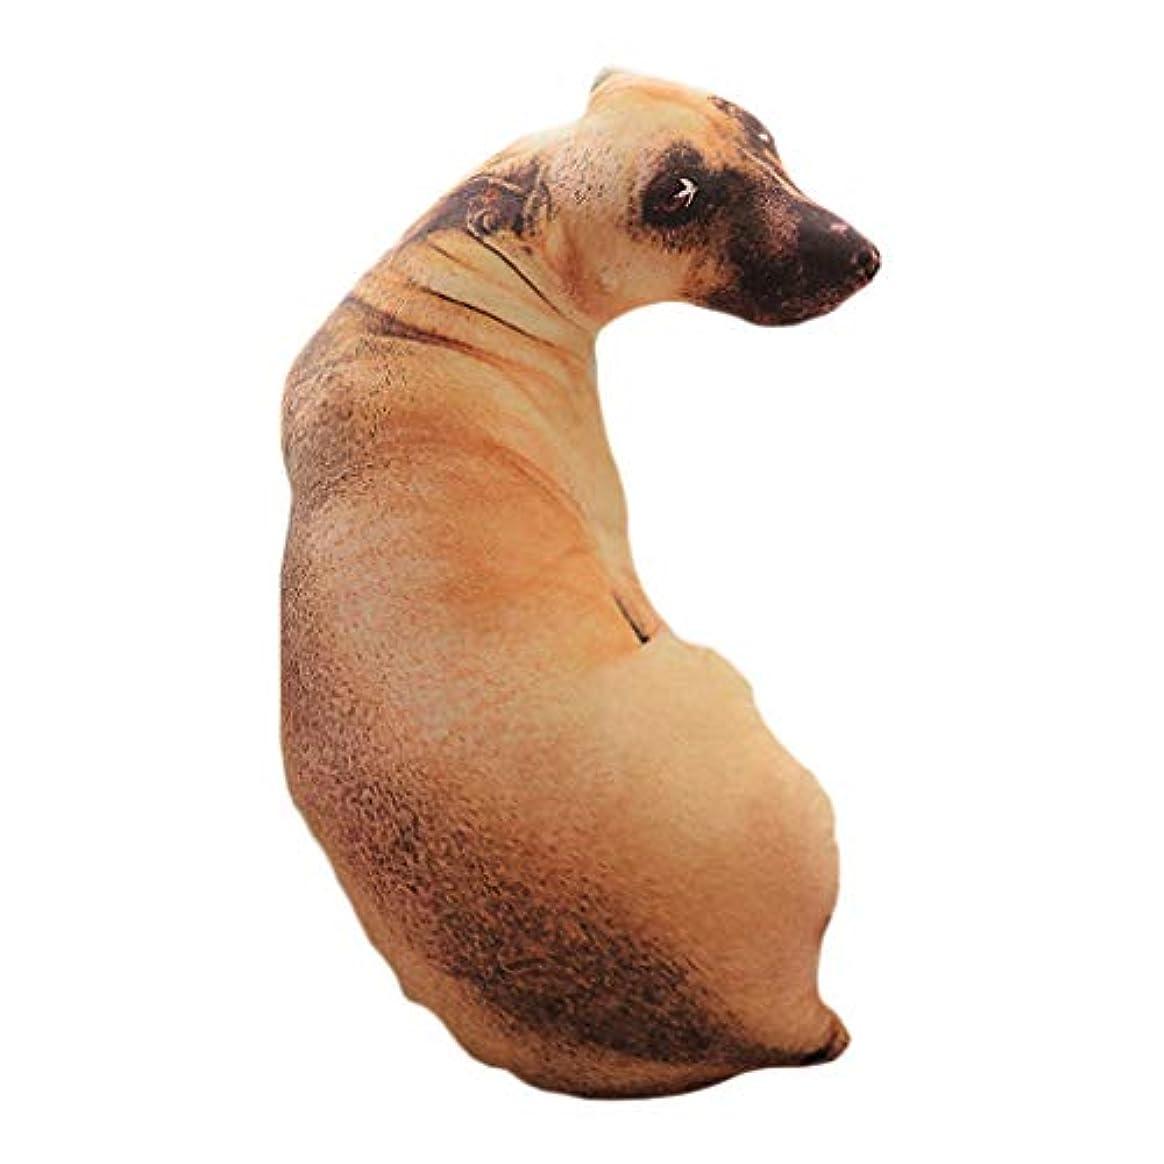 脳カビ太字LIFE 装飾クッションソファおかしい 3D 犬印刷スロー枕創造クッションかわいいぬいぐるみギフト家の装飾 coussin decoratif クッション 椅子